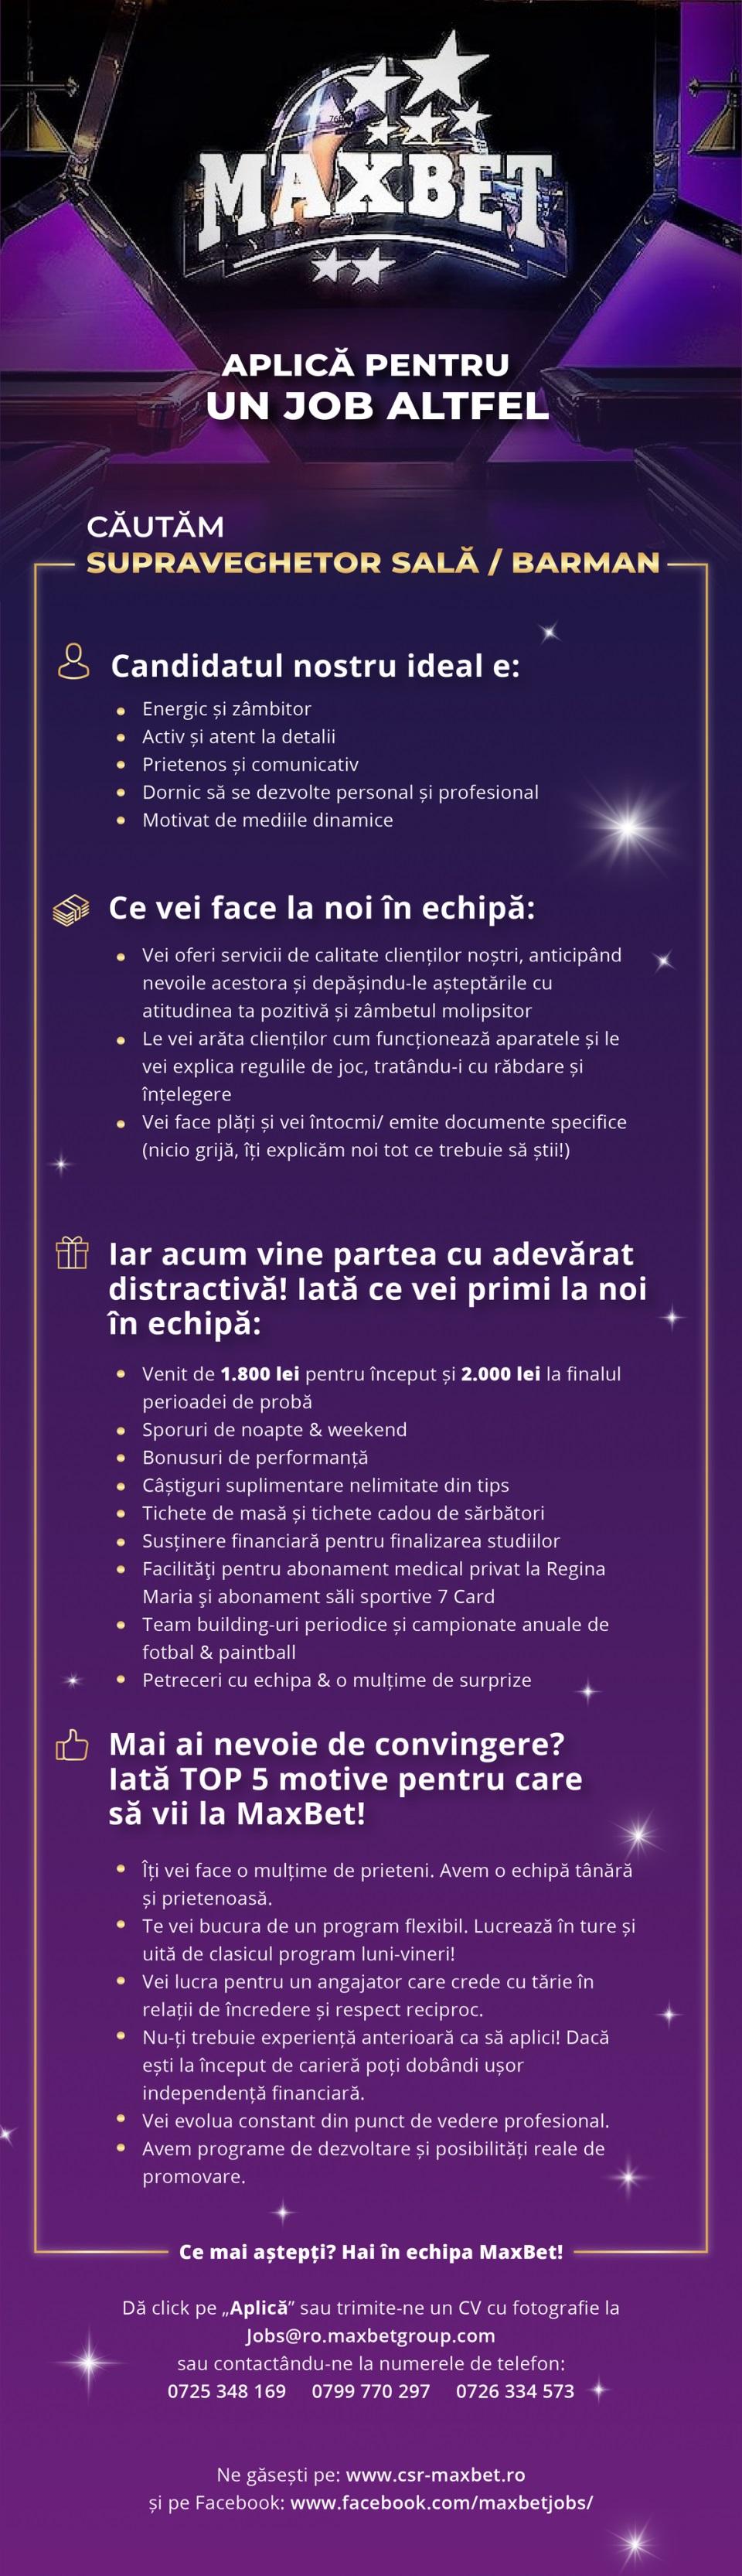 - - MaxBet este o companie puternică, cu peste 15 ani de experiență pe piața de gambling & entertainment din România și operațiuni în Europa Centrală și de Est.Oferim tuturor angajaților programe permanente de formare profesională și acces la cele mai moderne sisteme de management și customer service.Răsplătim performanța cu bonusuri motivante și multe alte beneficii.Ne mândrim cu realizările angajaților noștri si le oferim oportunități reale de promovare în cadrul companiei.Cauți un loc de muncă care să îți răsplătească performanțele?Ești student si cauți un loc de muncă care să-ți permită să continui studiile?Vrei să faci parte dintr-o echipă unită alături de care să crești profesional și să îți faci amintiri pentru o viață?Nu ezita să aplici pentru unul din posturile disponibile în rețeaua noastră trimițând CV-ul tău și o fotografie recentă.Descopera-ti potentialul cu o cariera de 5 stele!